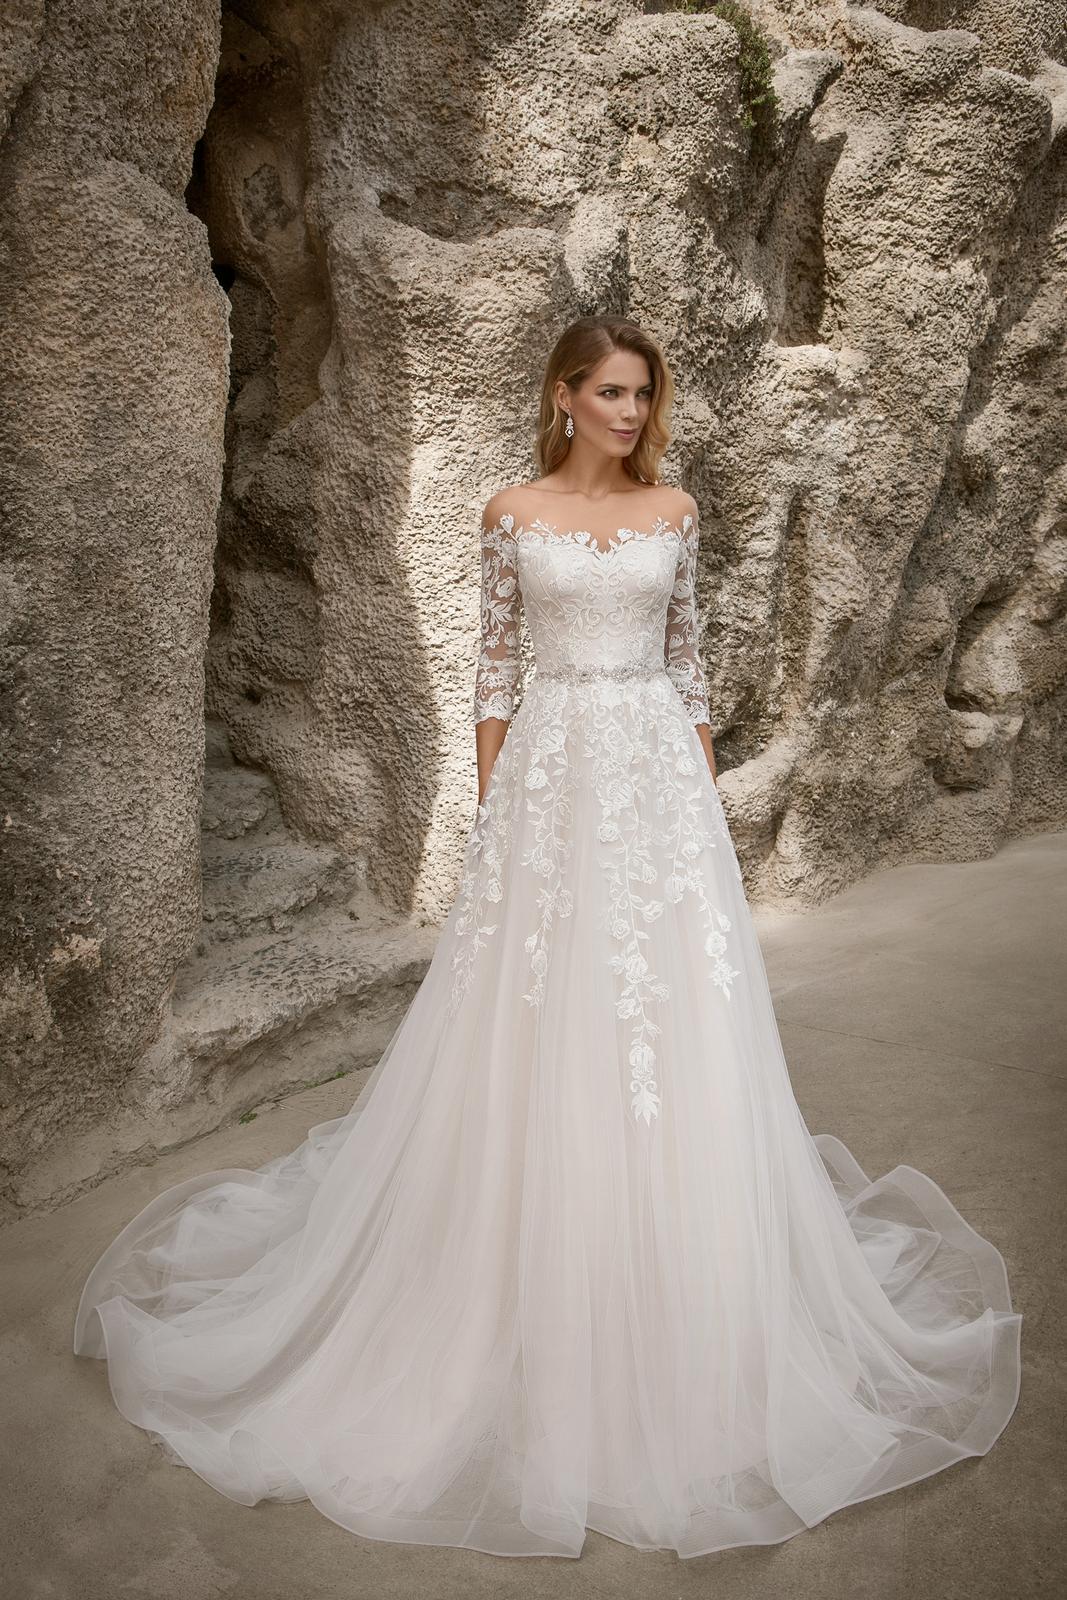 Nová kolekce romantických šatů u nás! - Obrázek č. 10